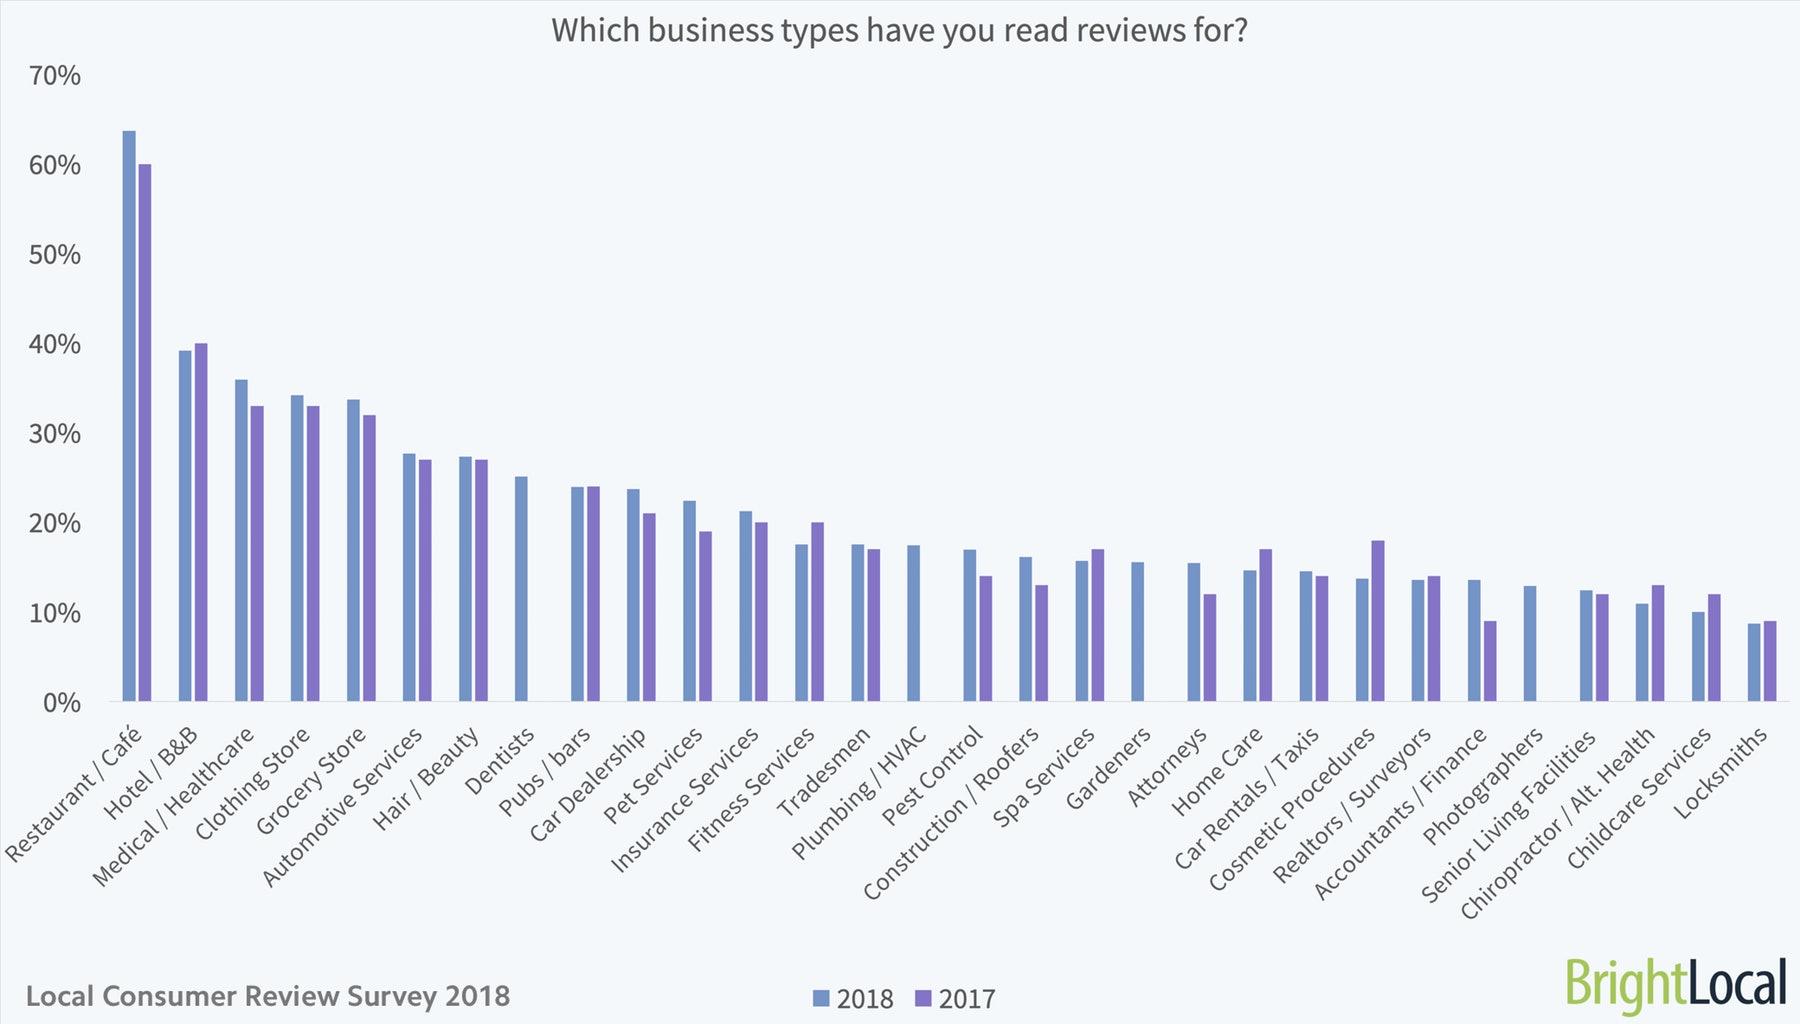 Für welche Unternehmenstypen haben Sie bereits Bewertungen gelesen?